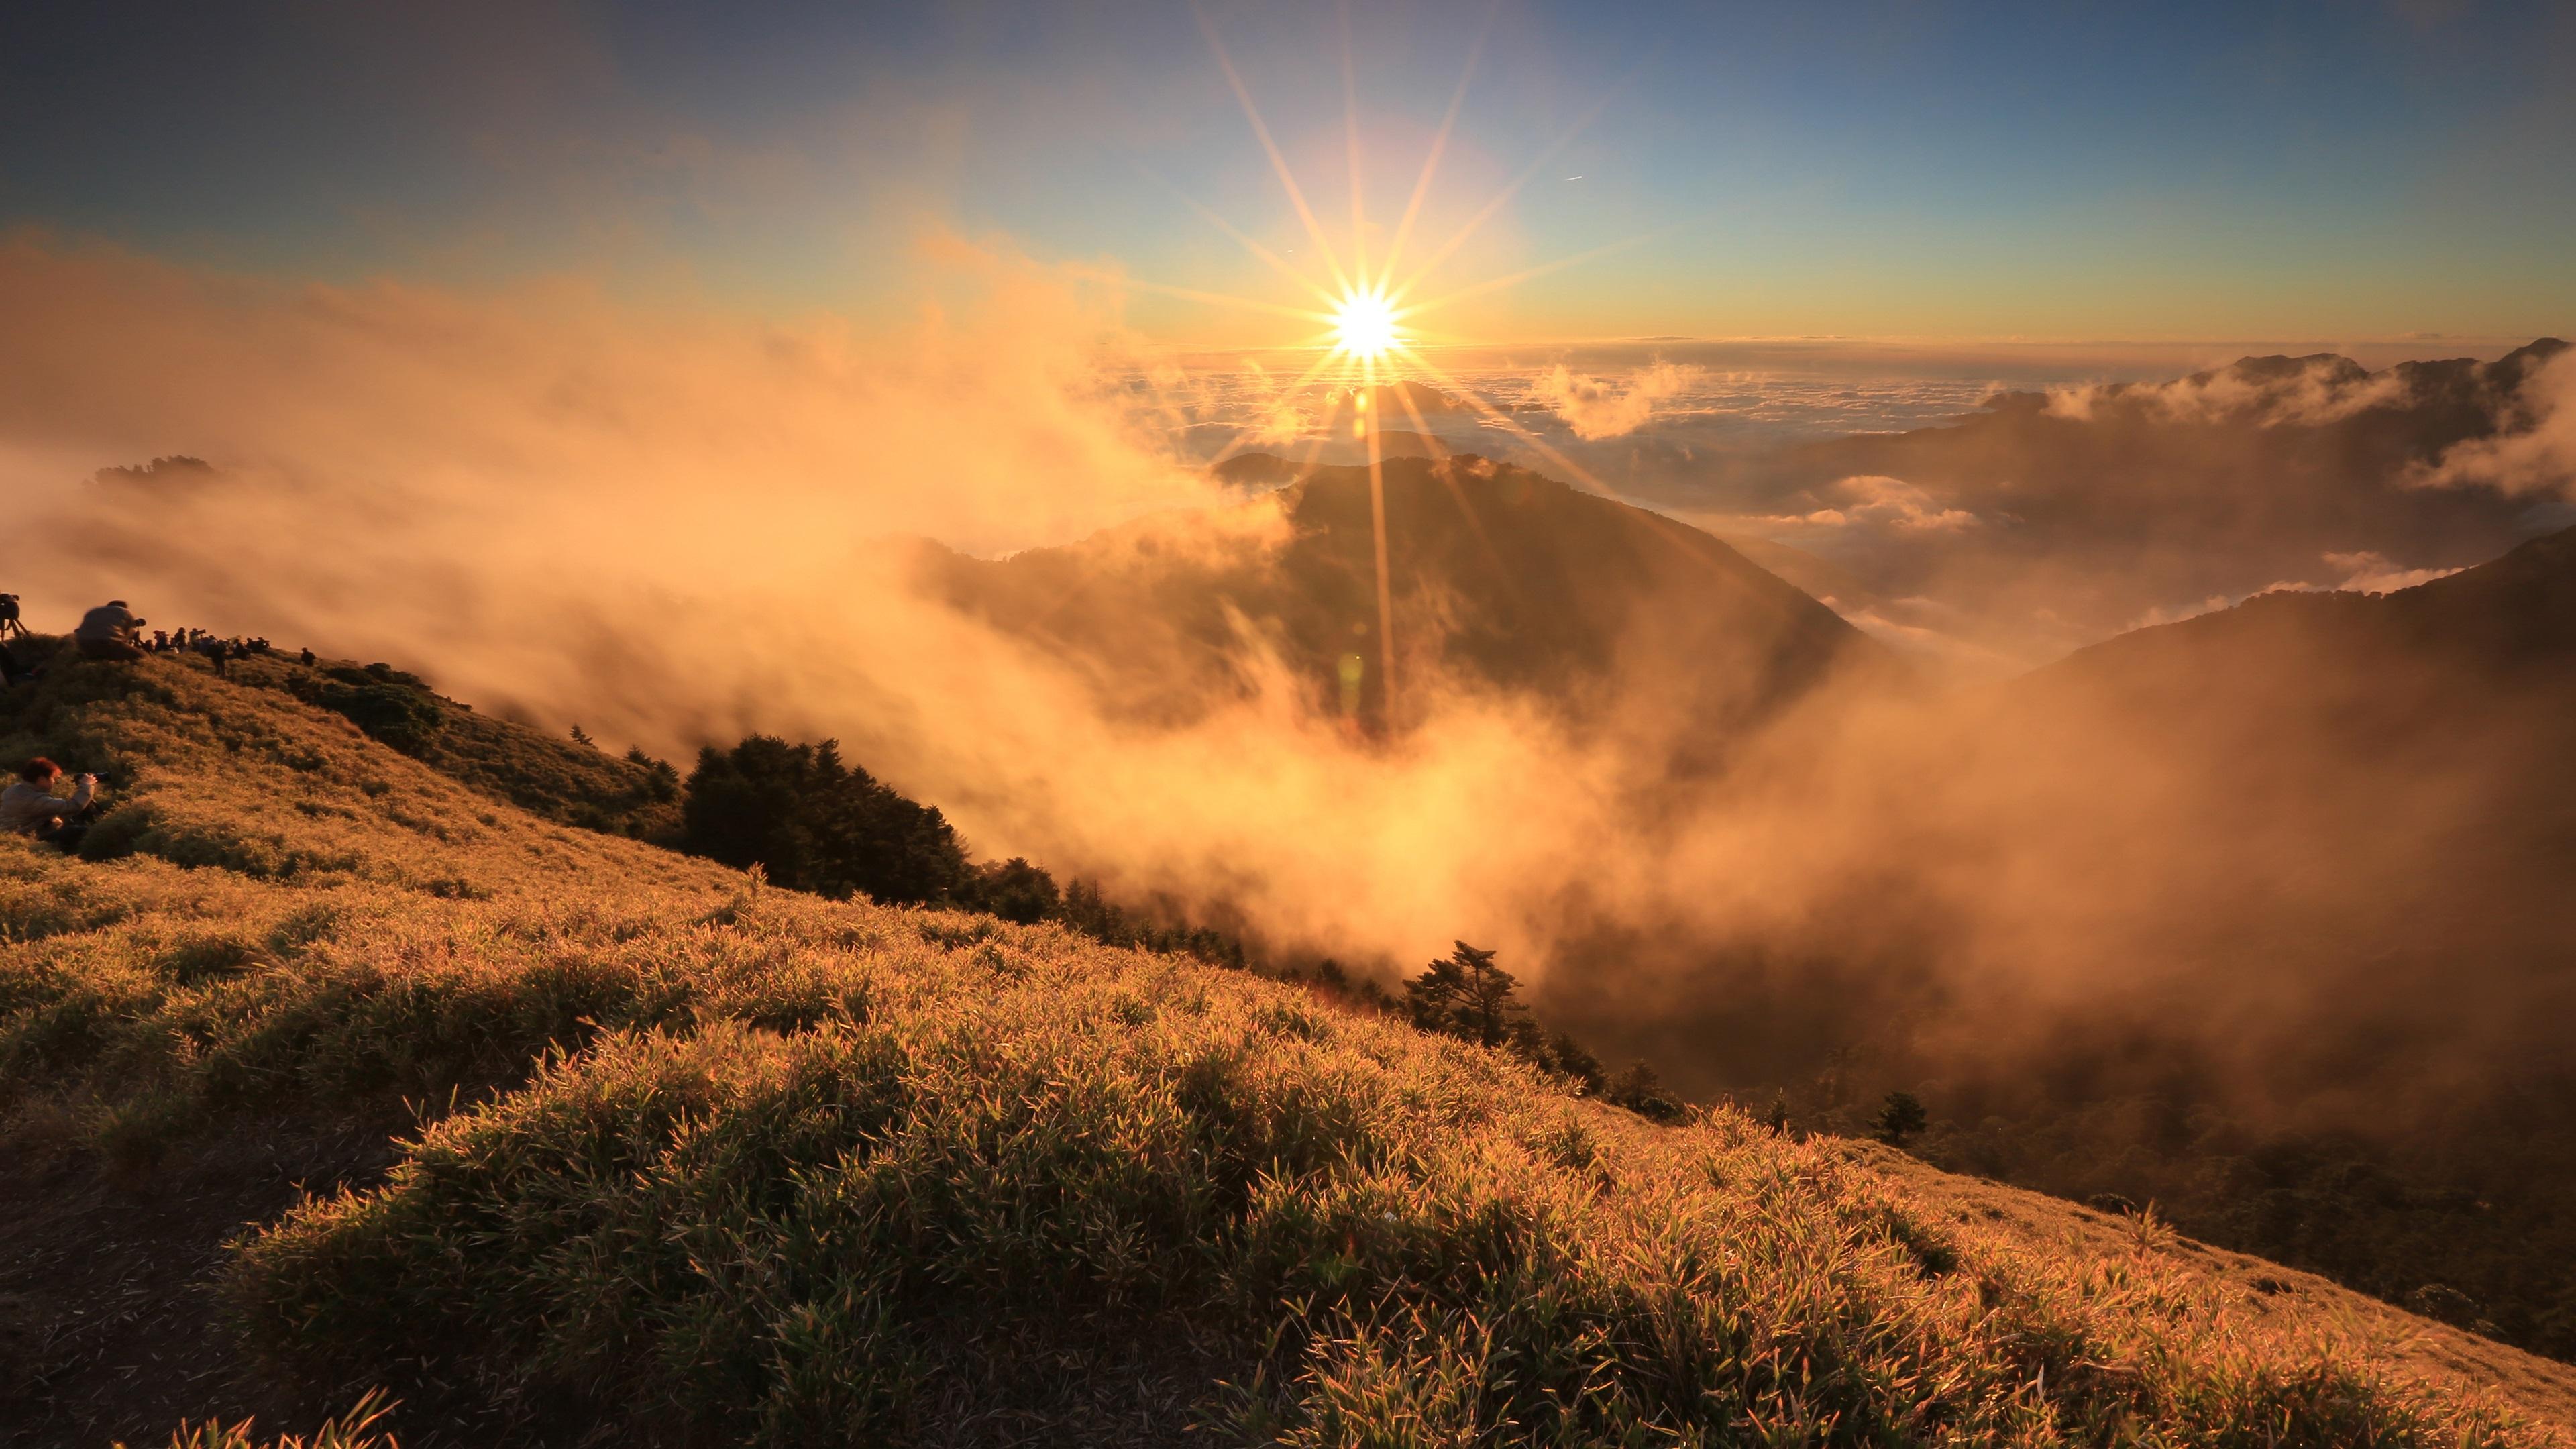 Papéis De Parede Nascer Do Sol Paisagem, Nuvens, Montanha